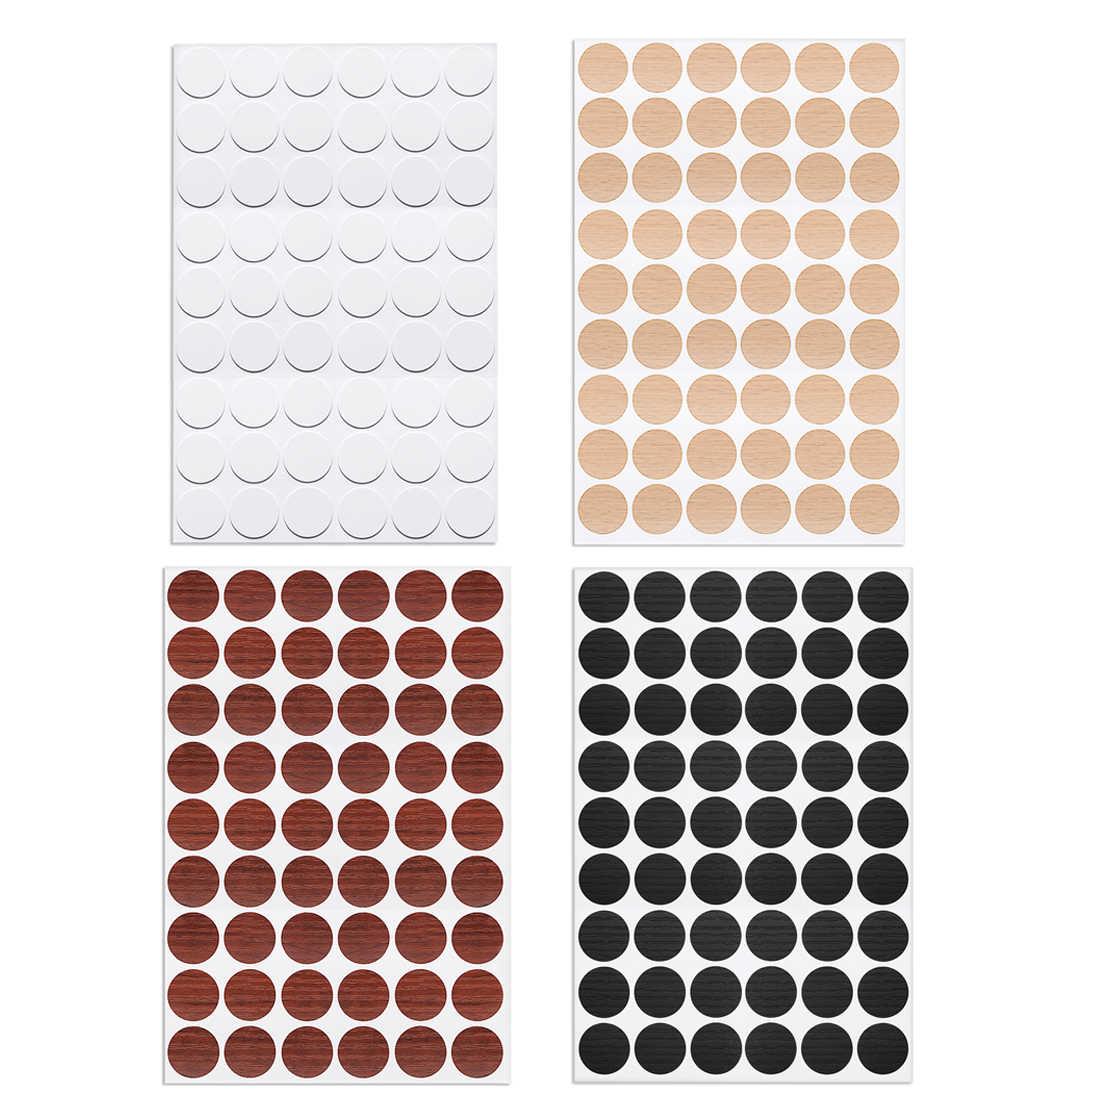 2 mesas 54 en 1 tapas de tornillos autoadhesivas a prueba de polvo Pegatinas autoadhesivas para agujeros de tornillo color blanco 21 mm ZXUEZHENG